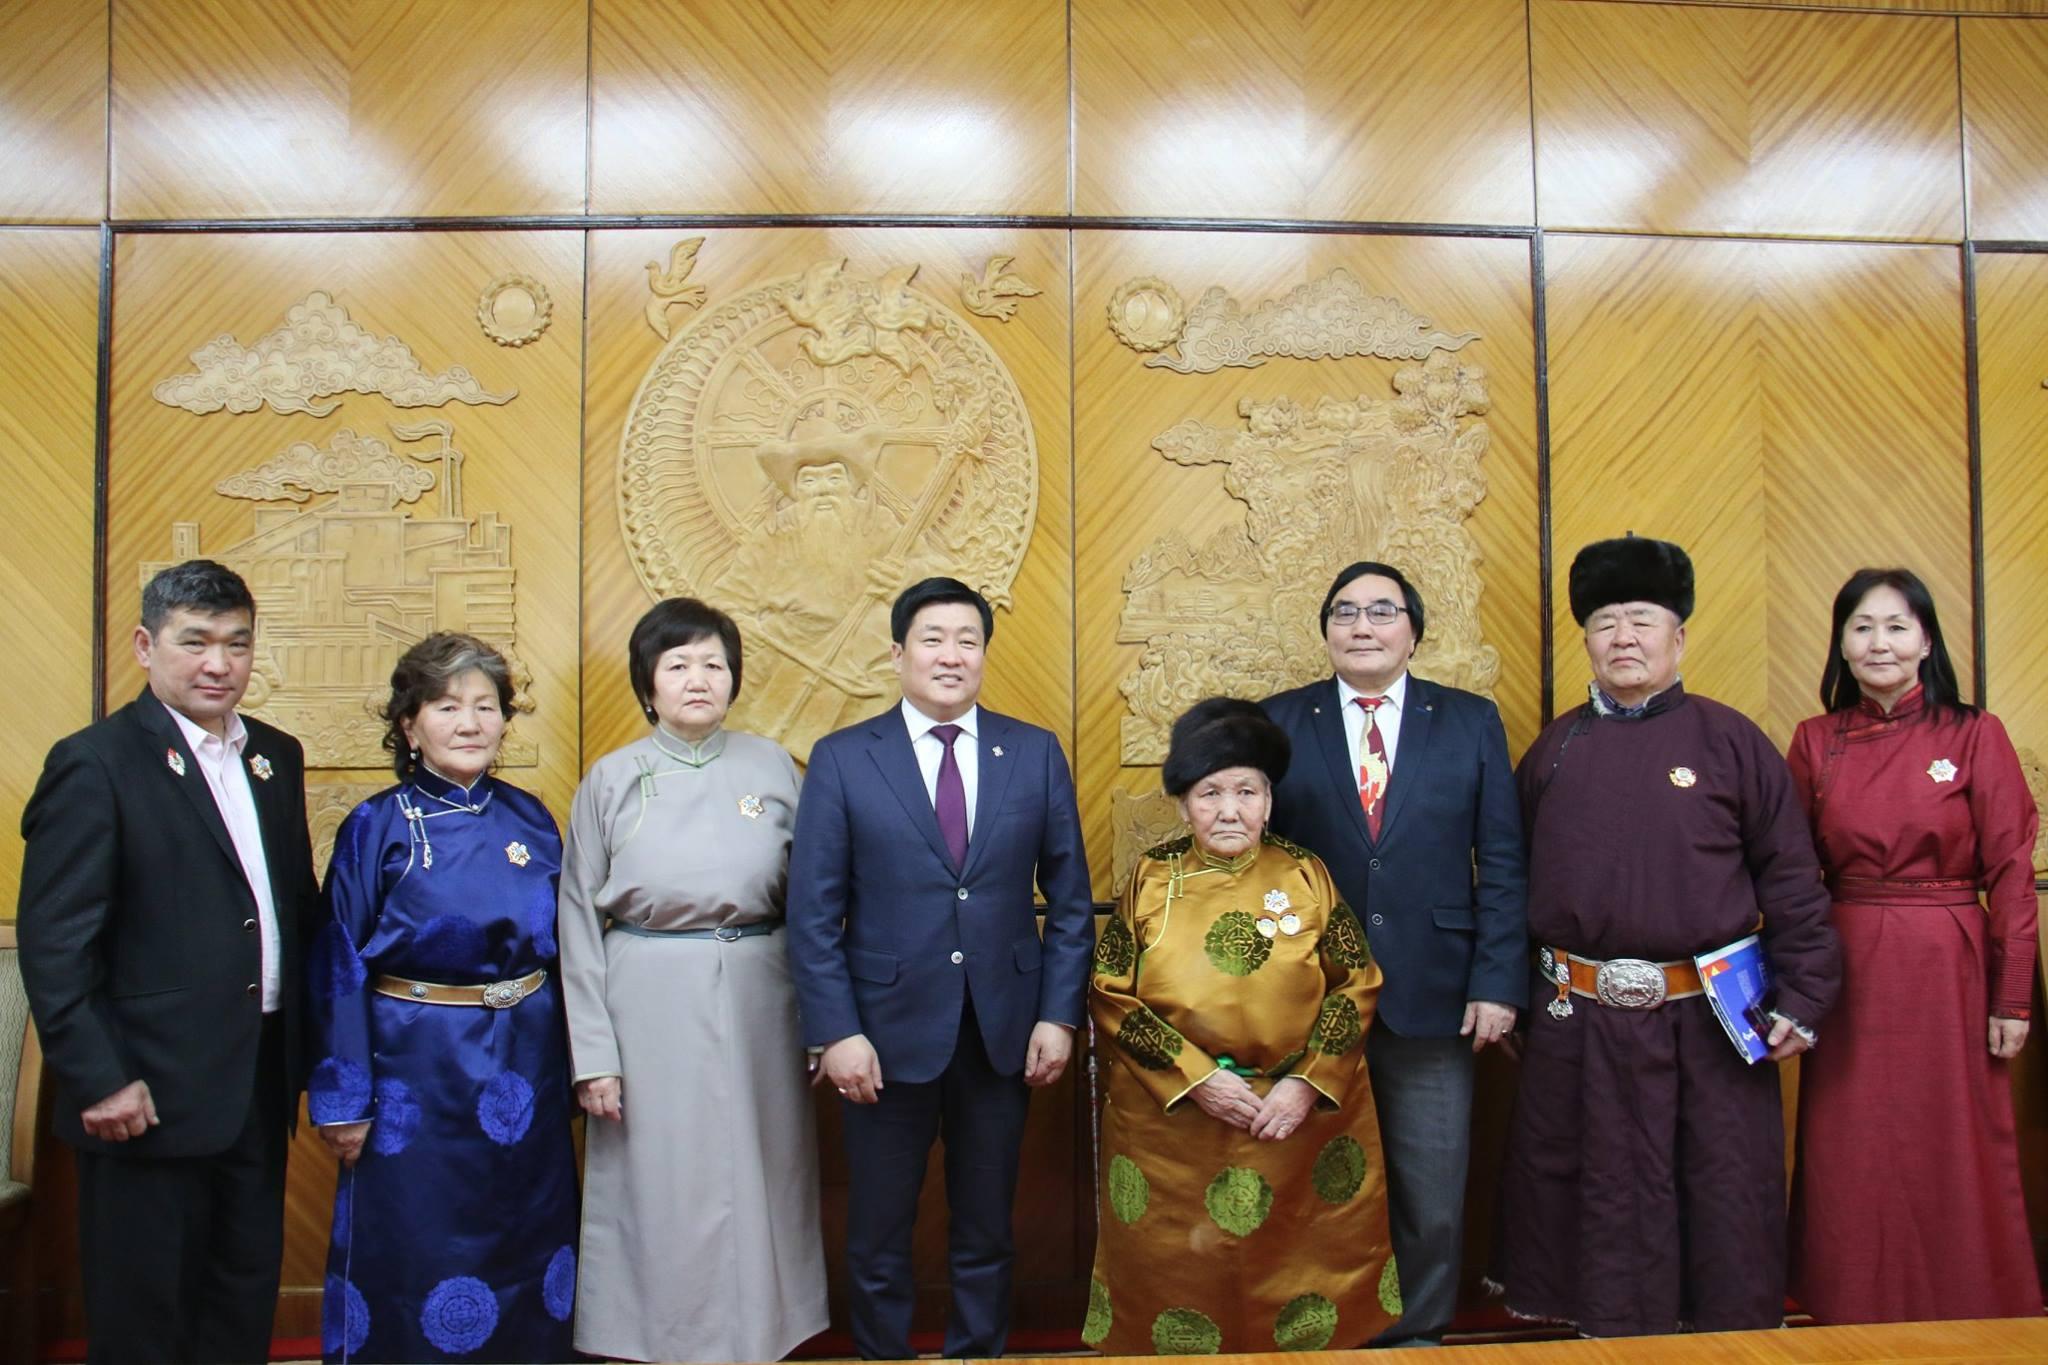 Монгол Улсын Ерөнхийлөгчийн зарлигаар олгосон гавьяа, шагналыг гардууллаа